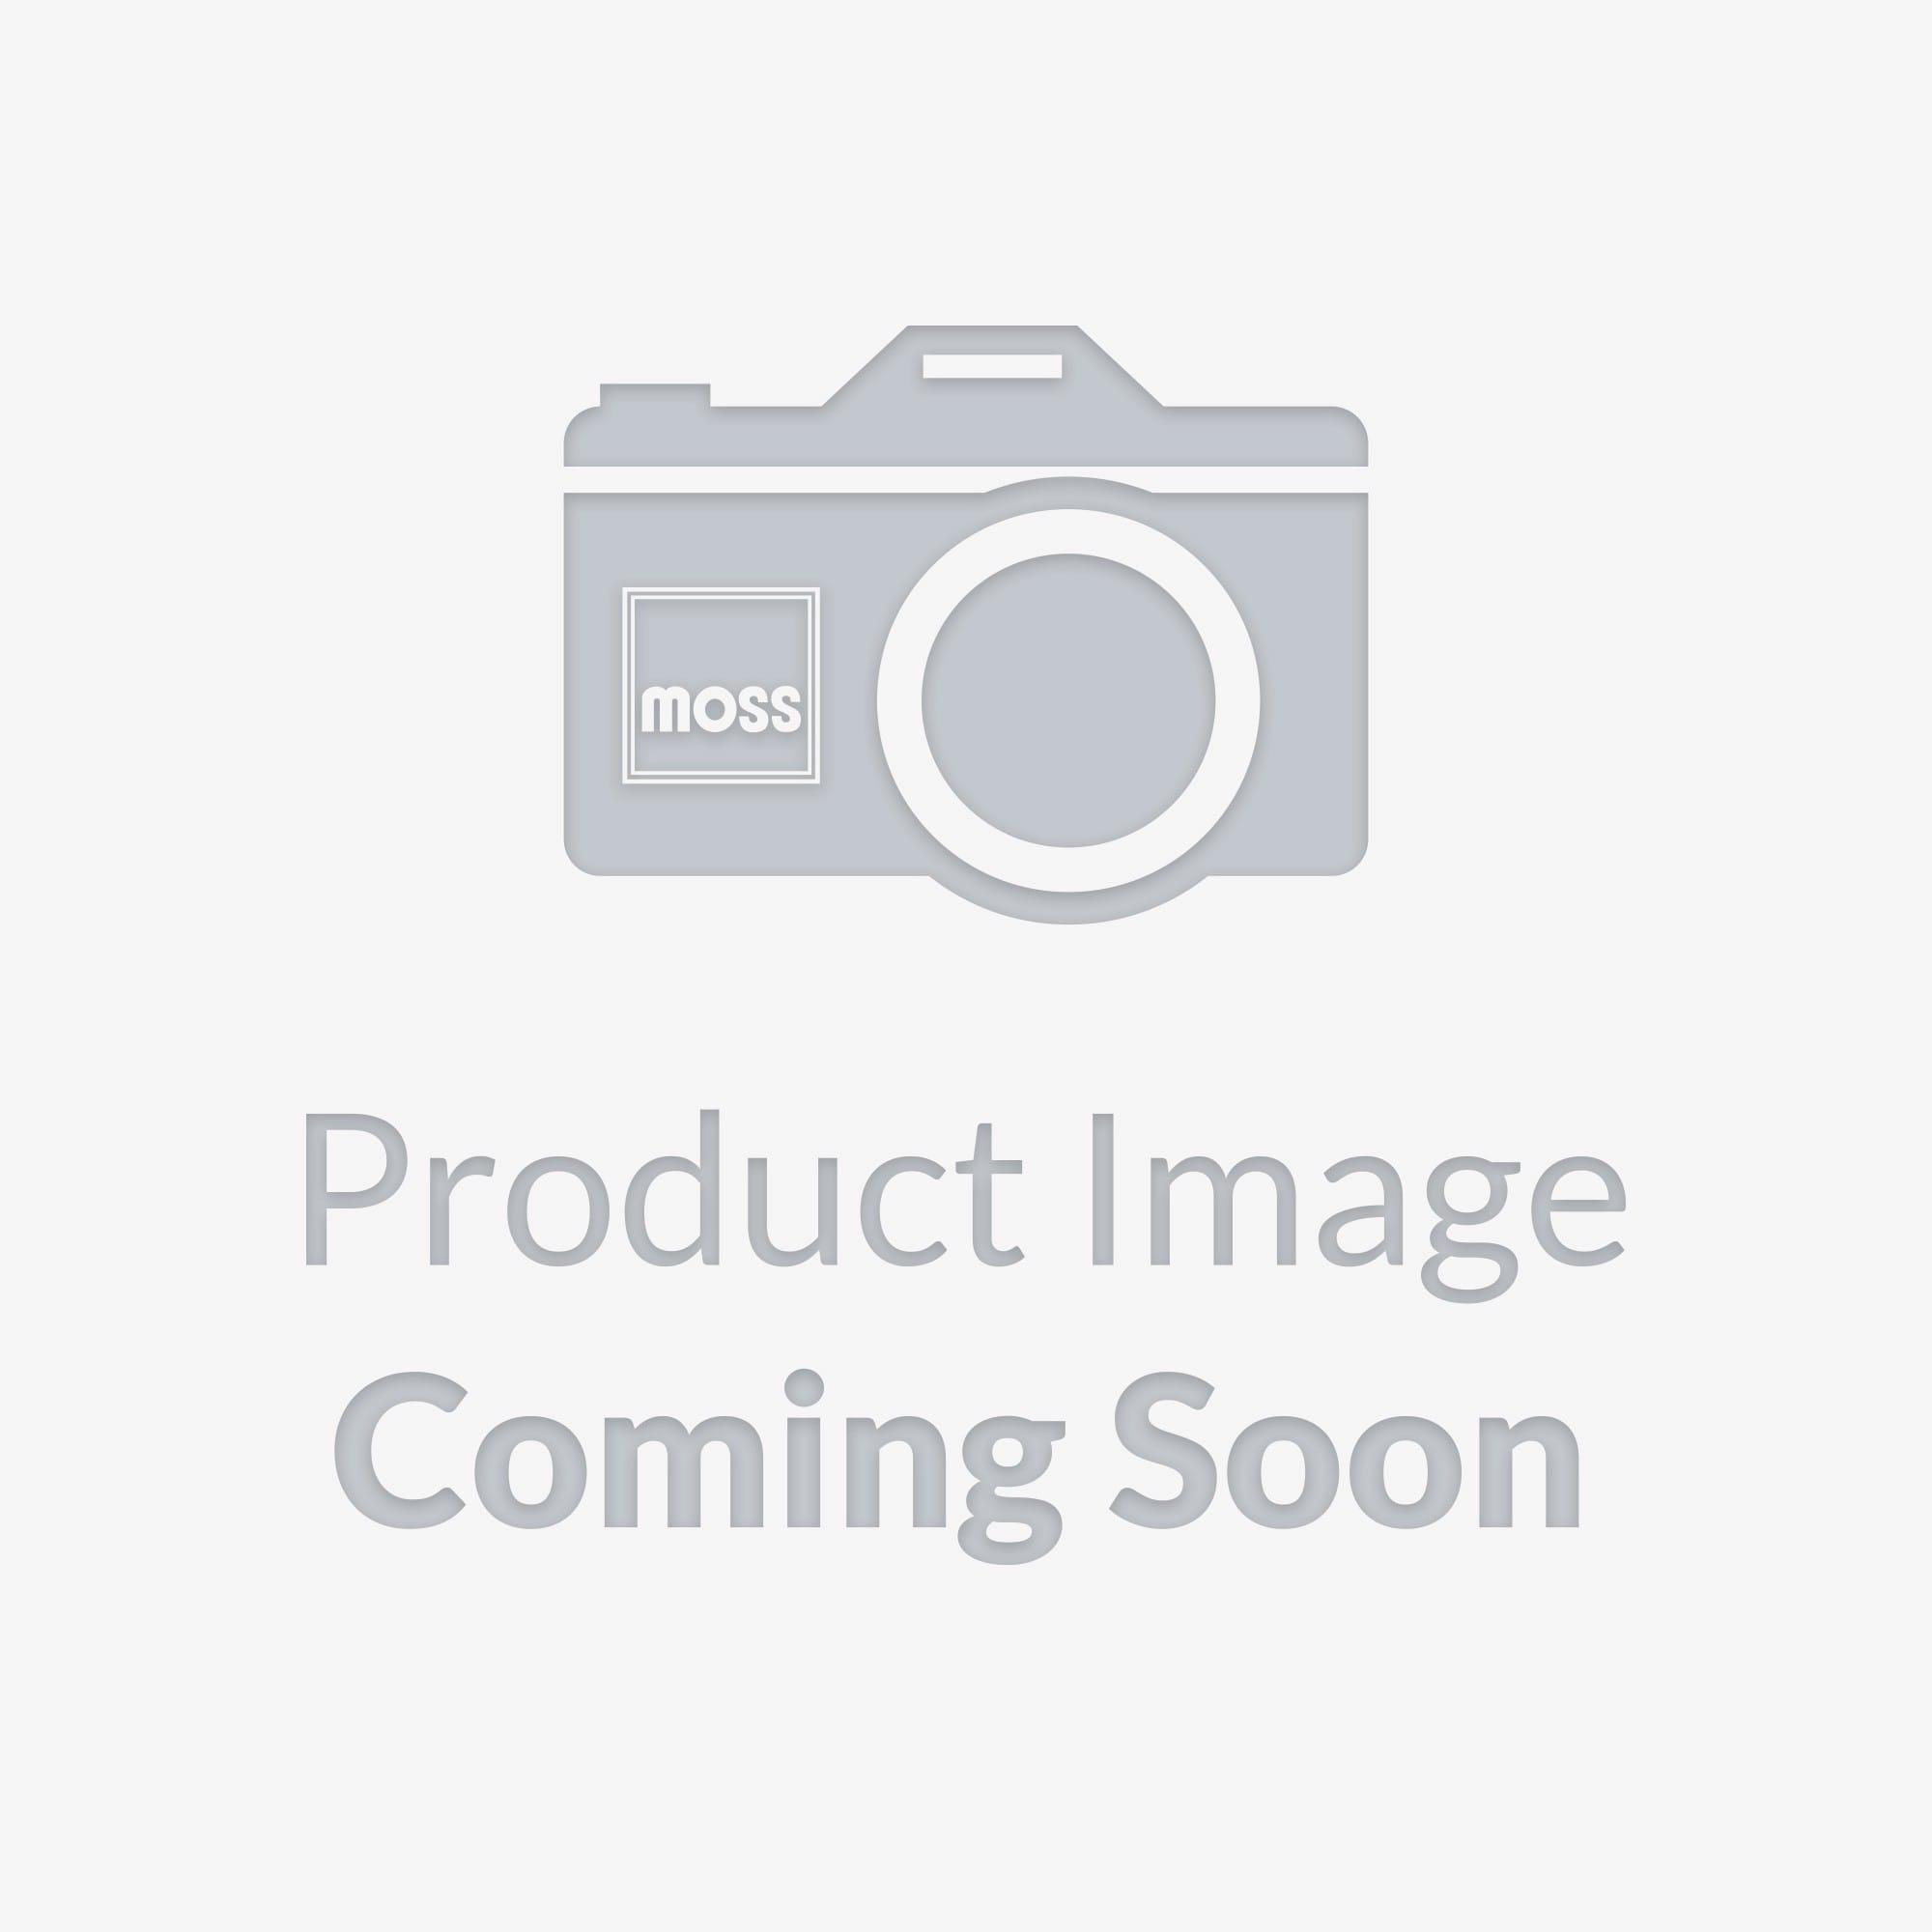 Removable Vintage Luggage Racks - 2006-2015 MX-5 Miata